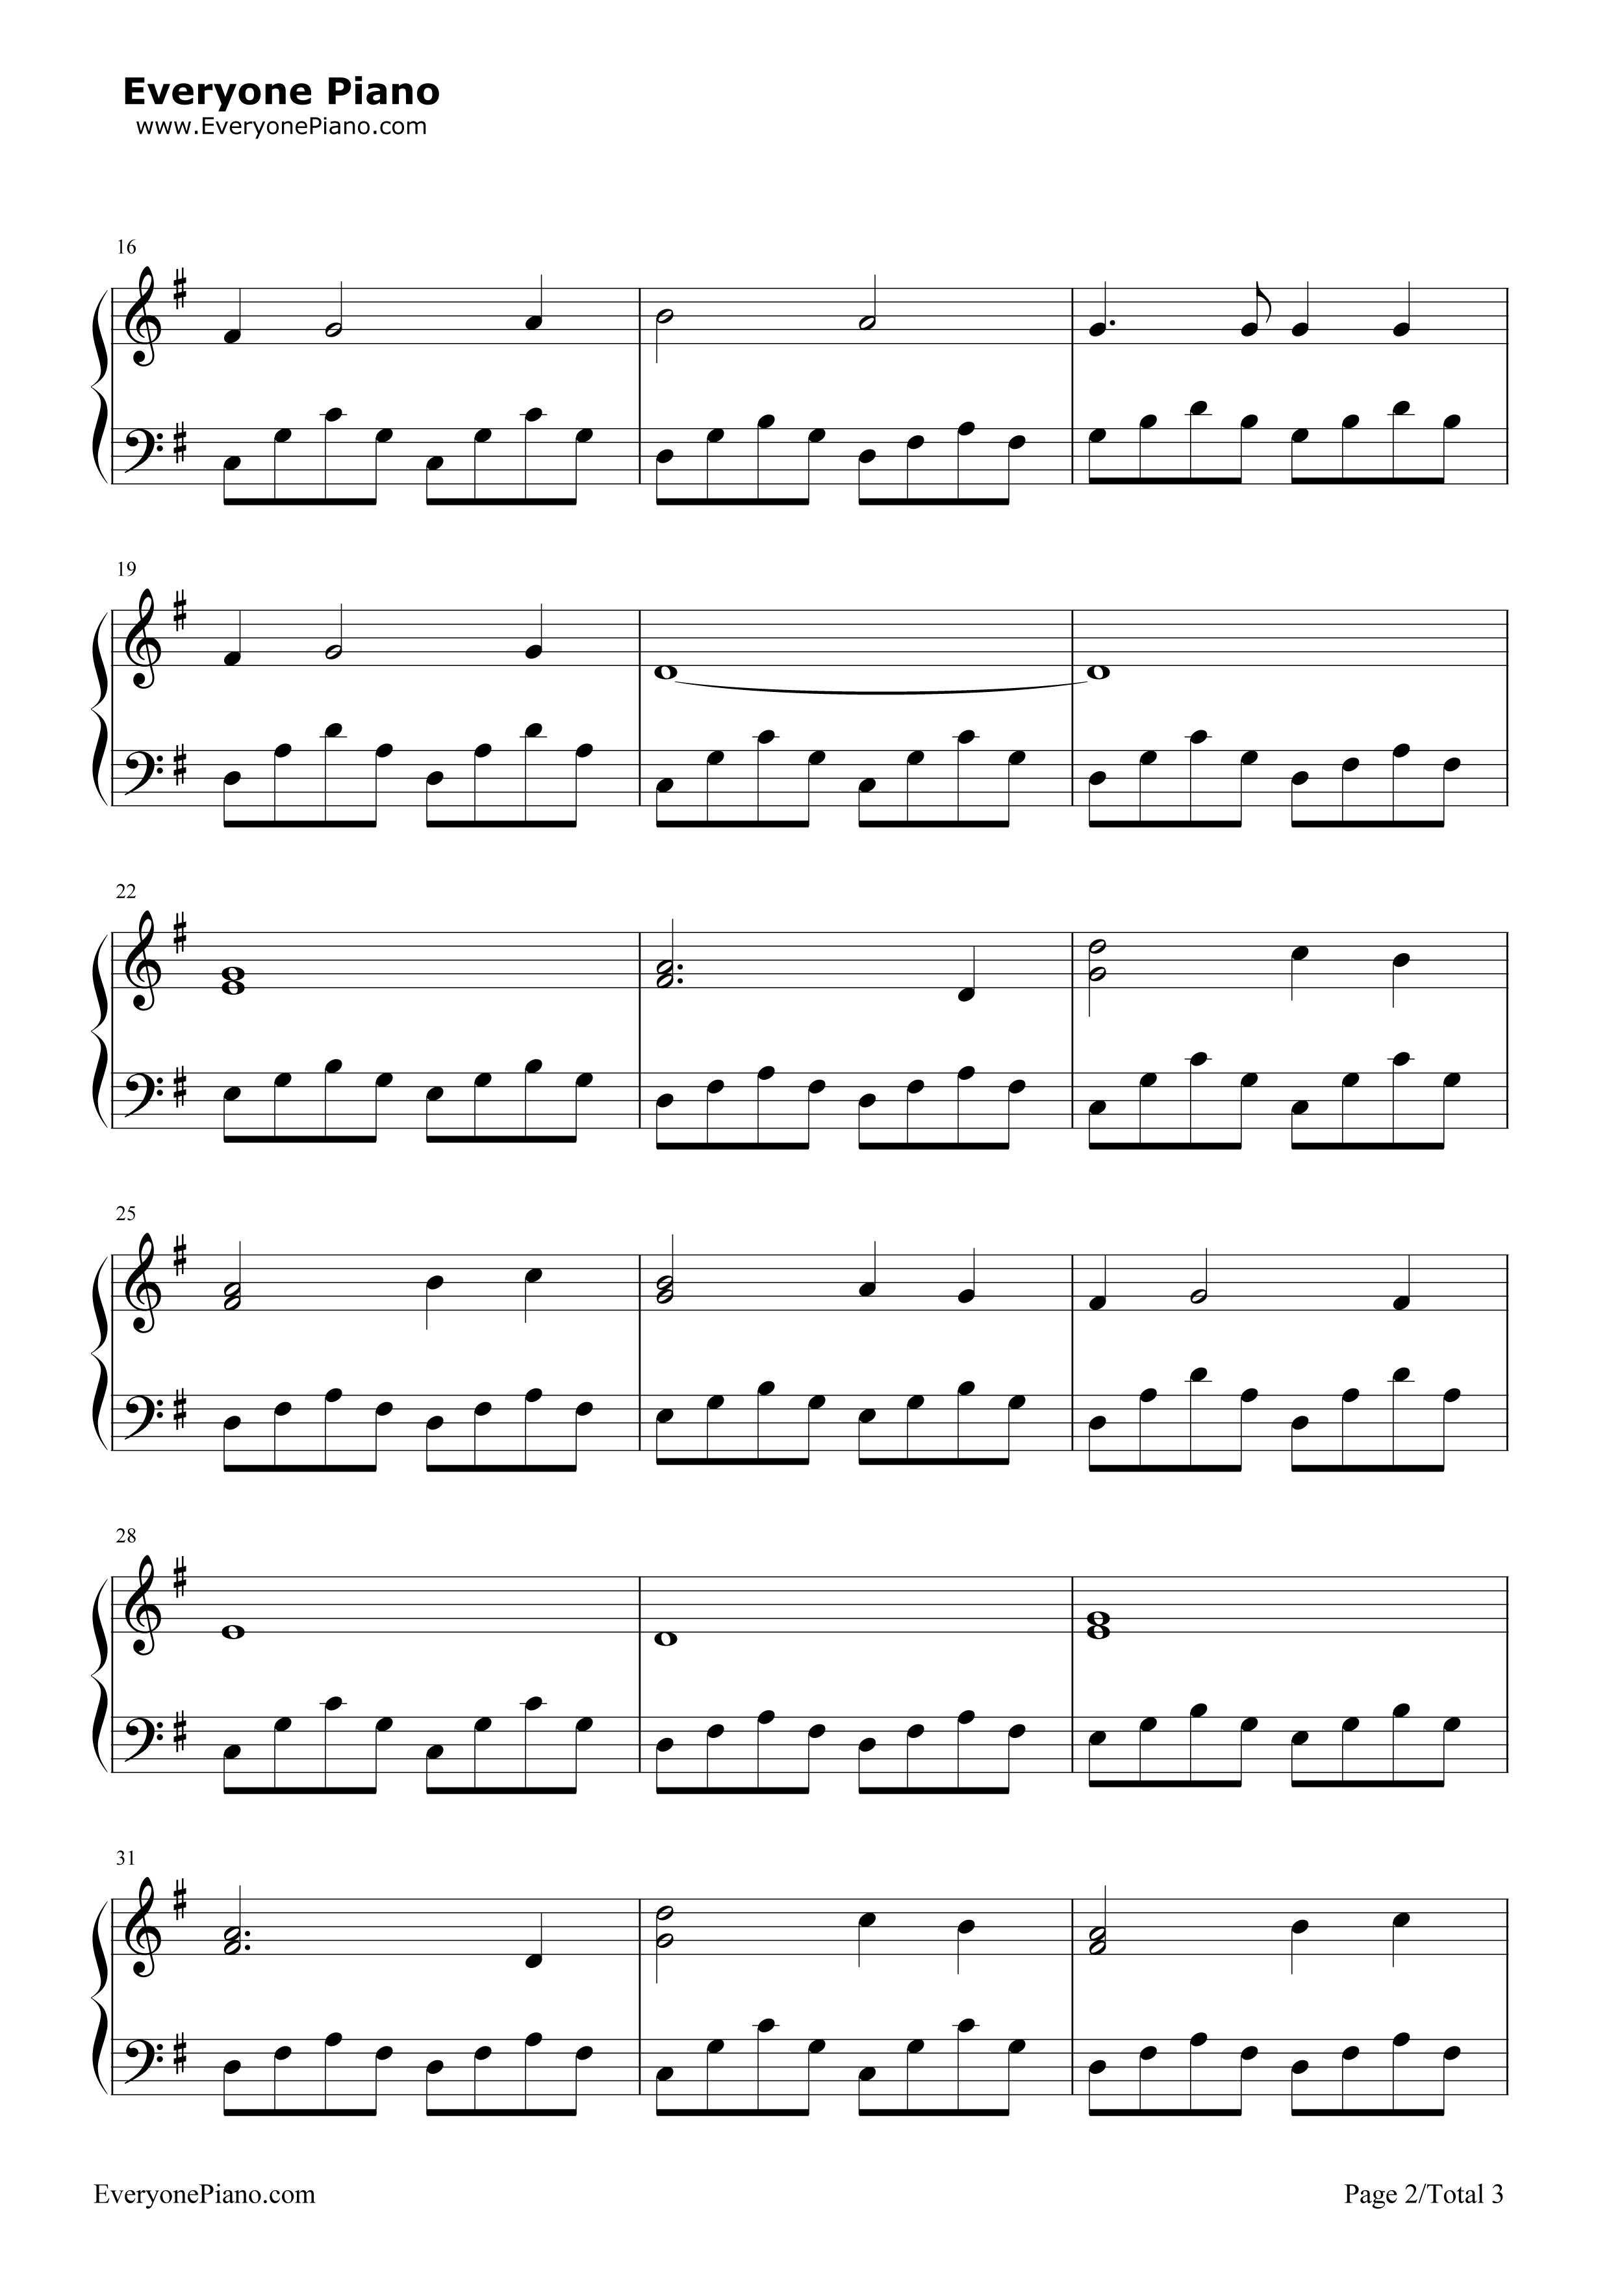 钢琴曲谱 经典 我心永恒 我心永恒五线谱预览2   仅供个人学习交流